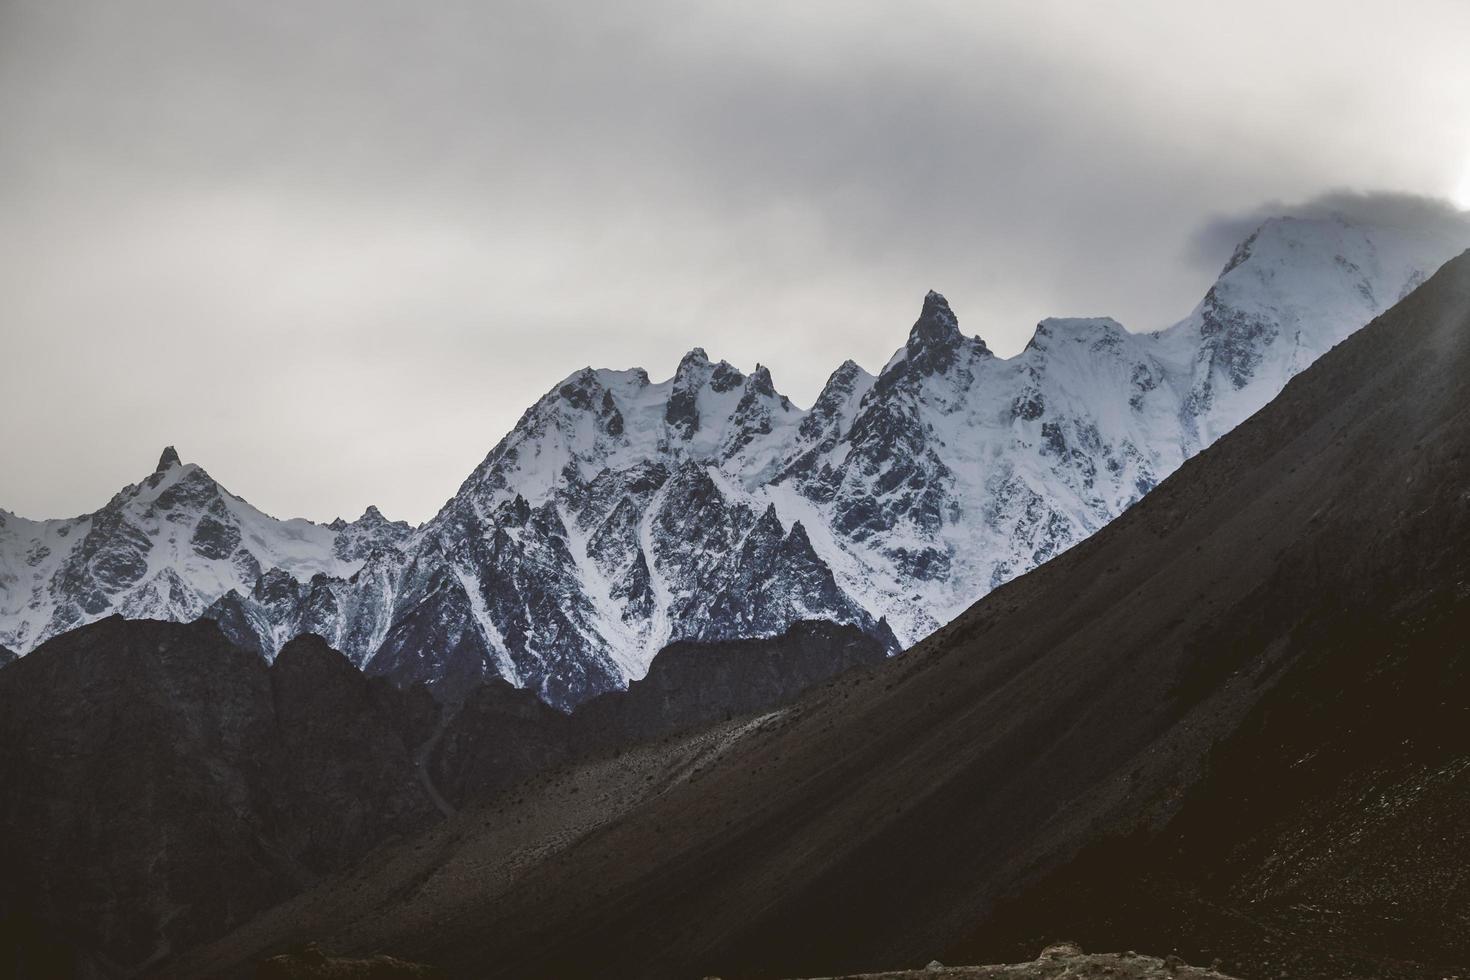 montañas nevadas de karakoram foto